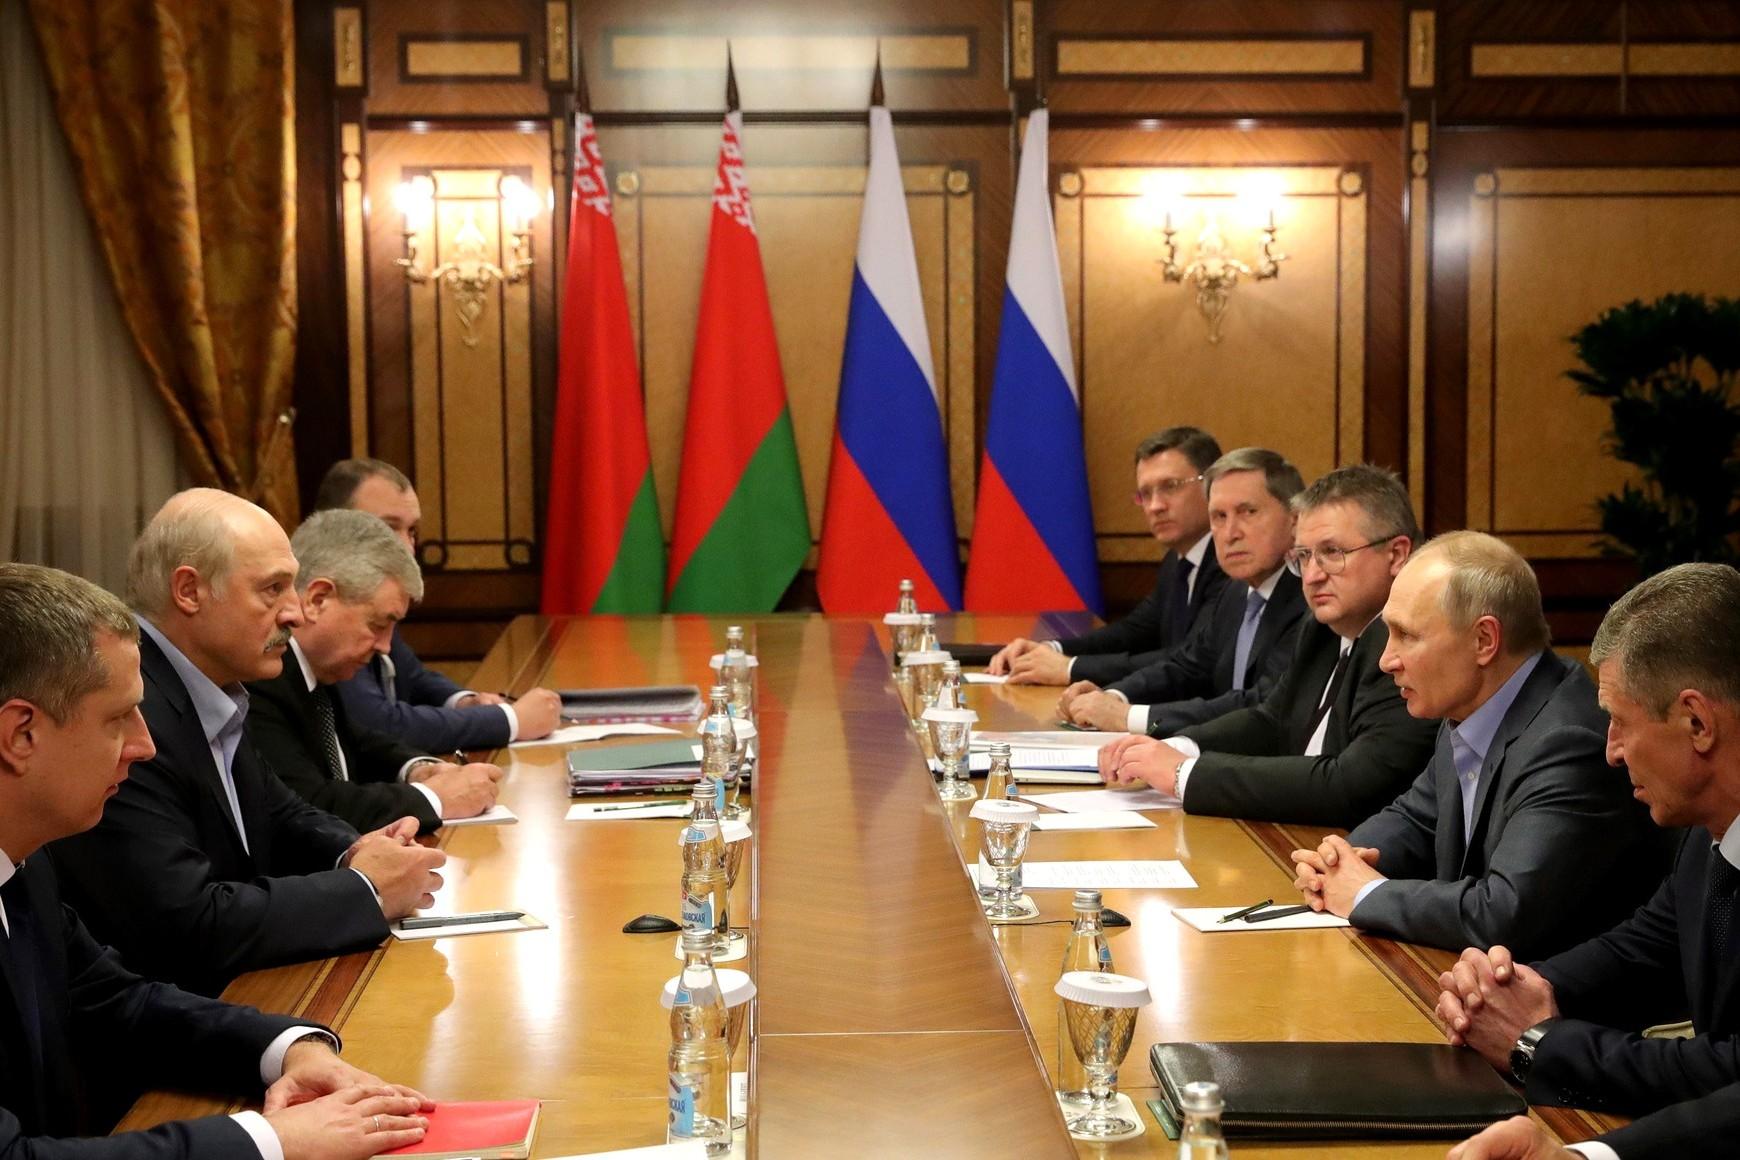 Predsednici Belorusije i Rusije Aleksandar Lukašenko i Vladimir Putin sa članovima svojih delegacija tokom razgovora, Krasna poljana, 07. februar 2020. (Foto: kremlin.ru)